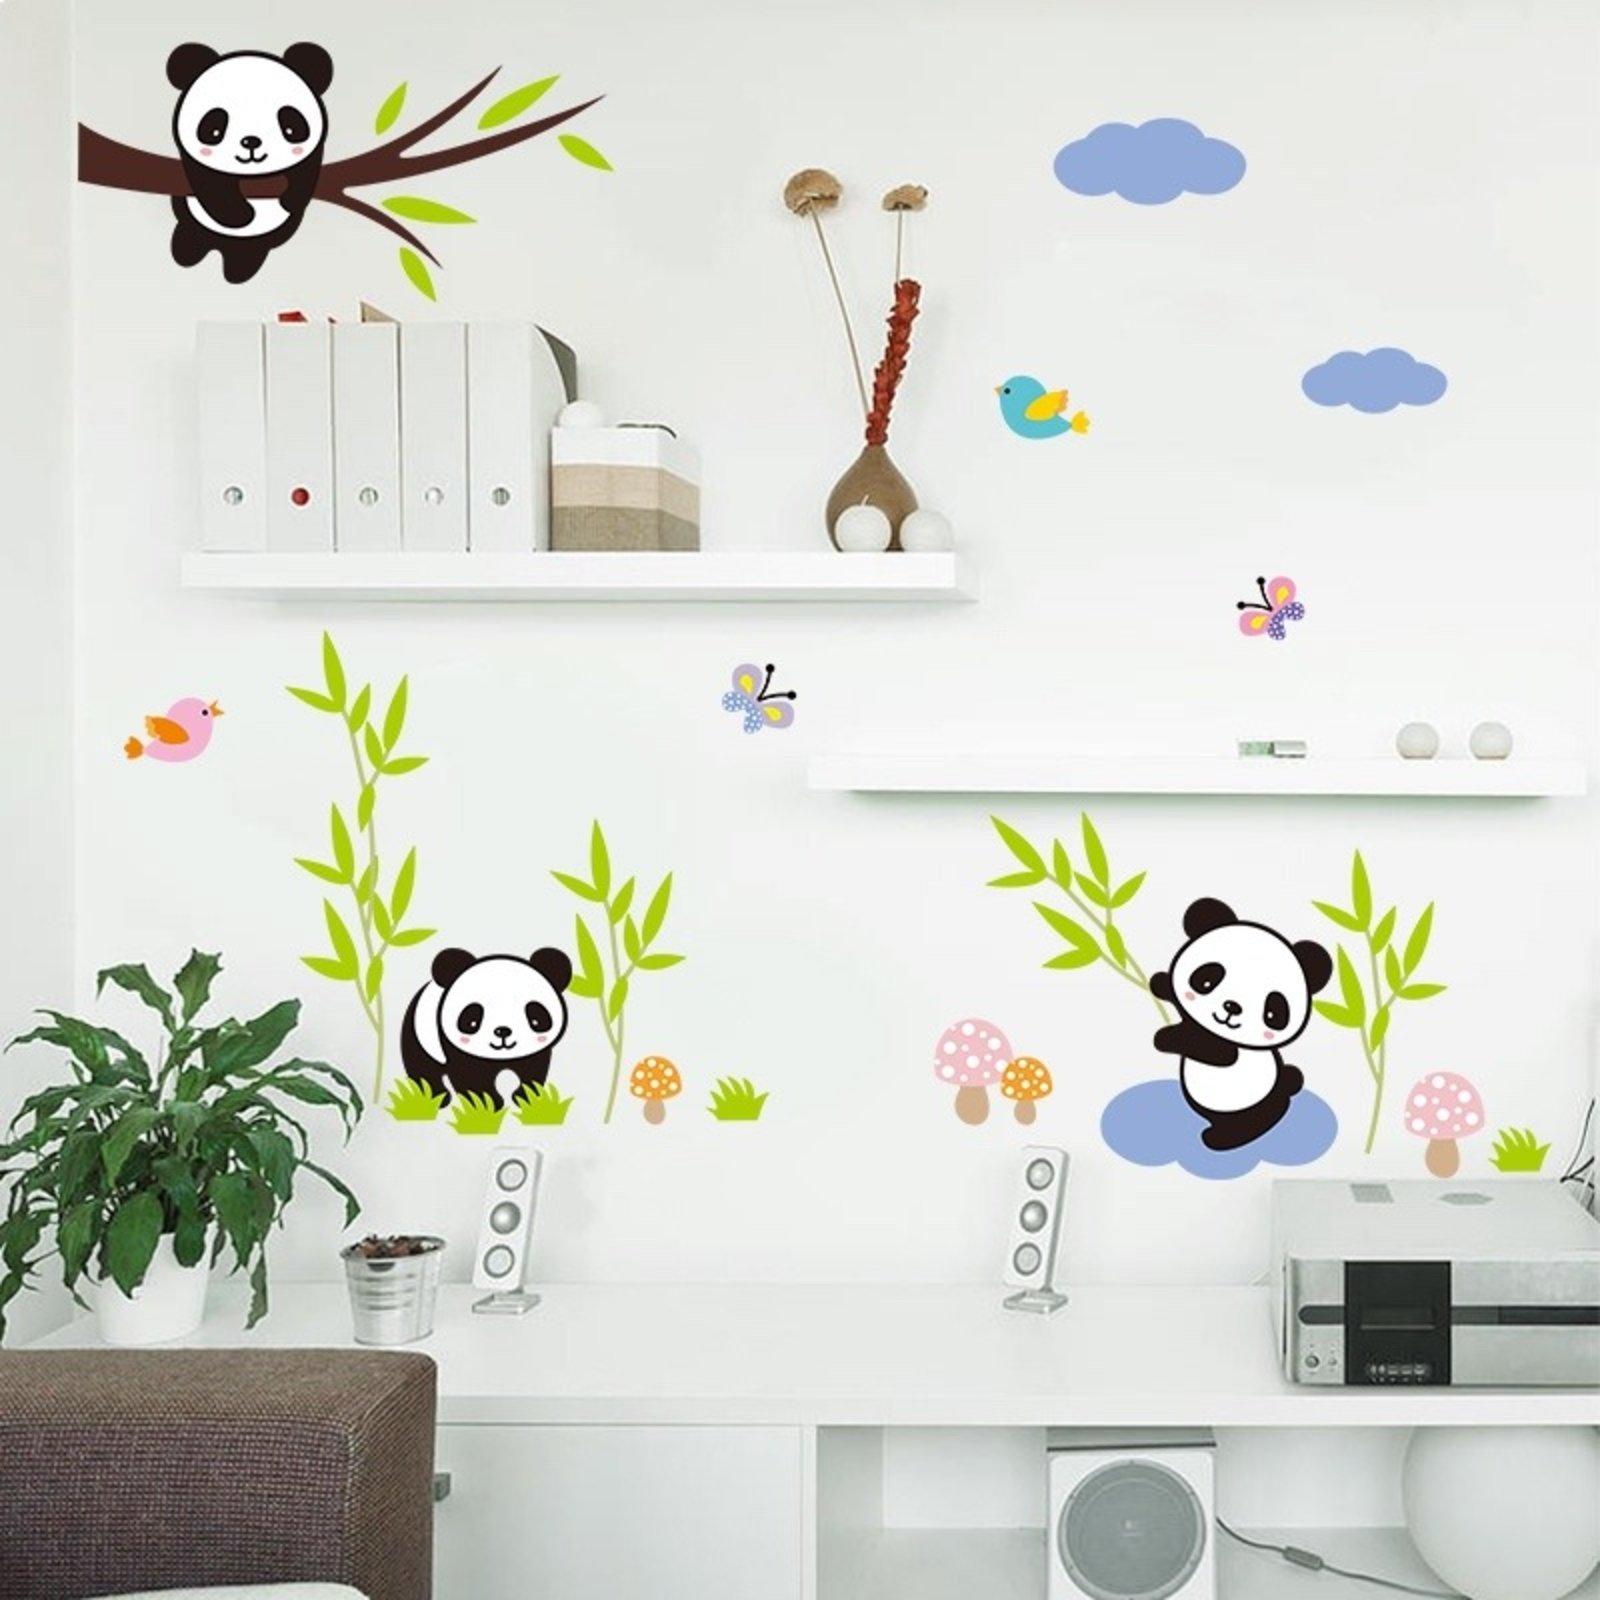 Adesivo De Parede Divanet Urso Panda Colorido Compre Agora